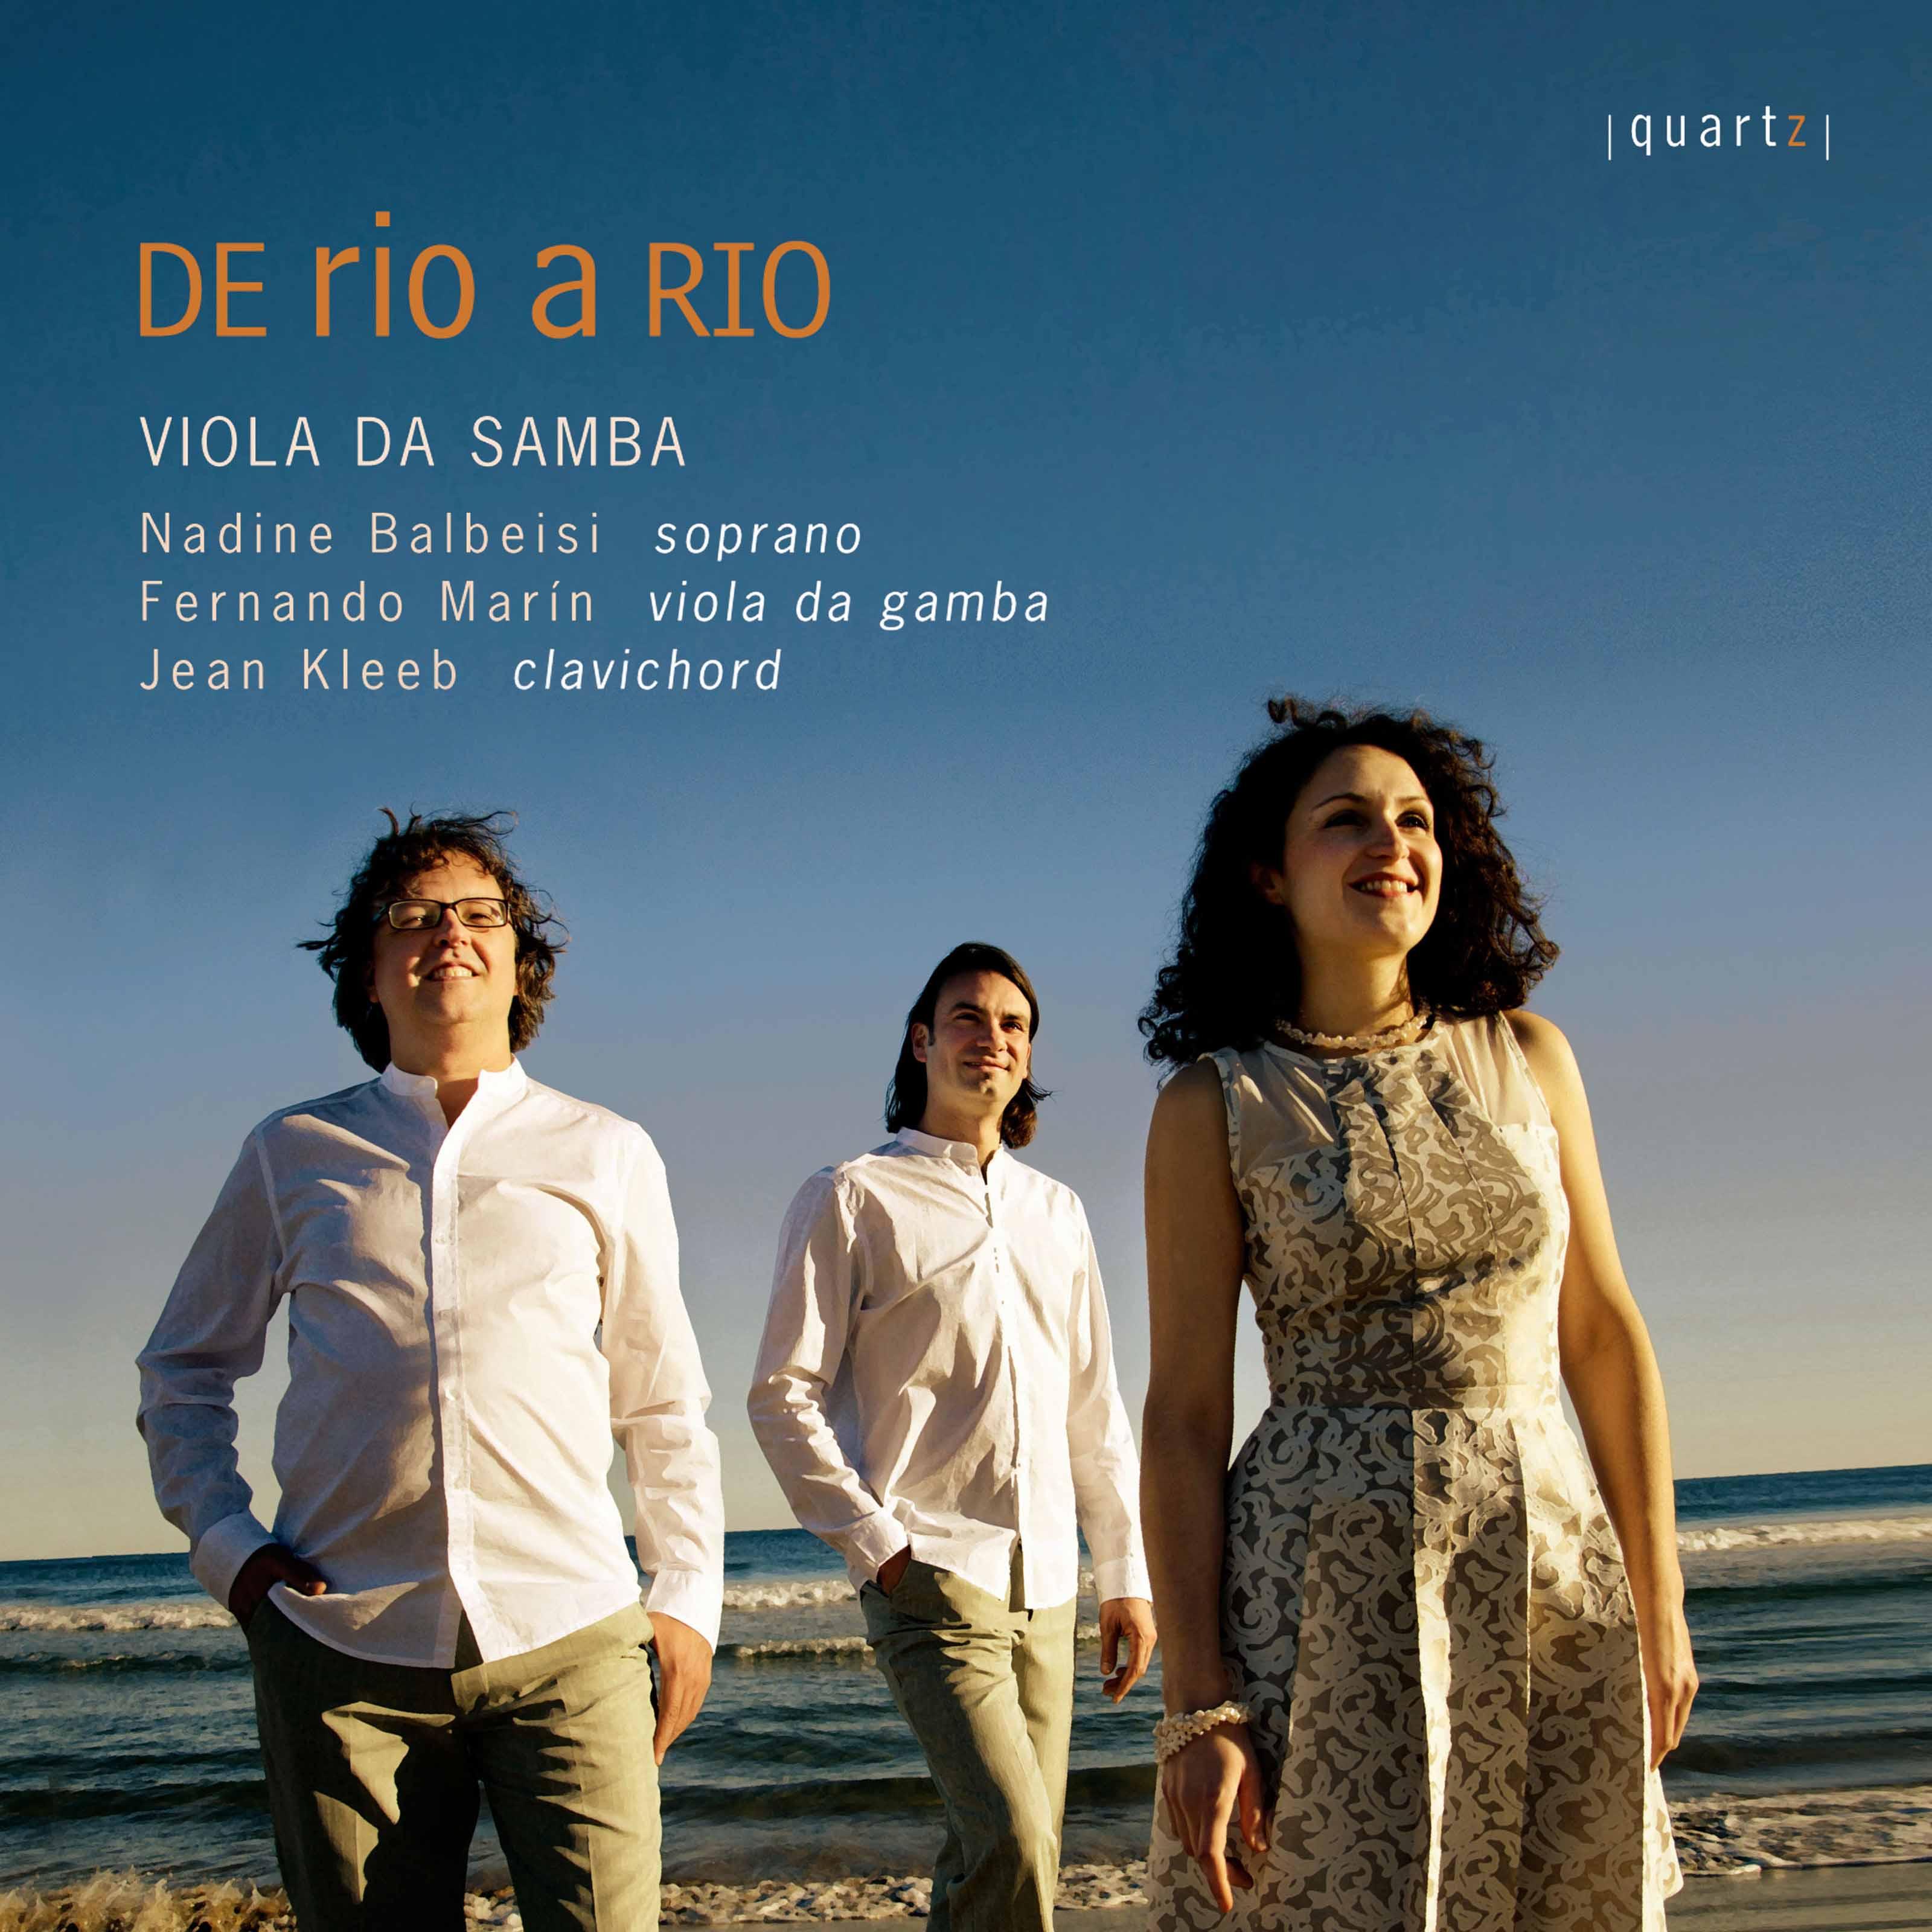 De rio a Rio